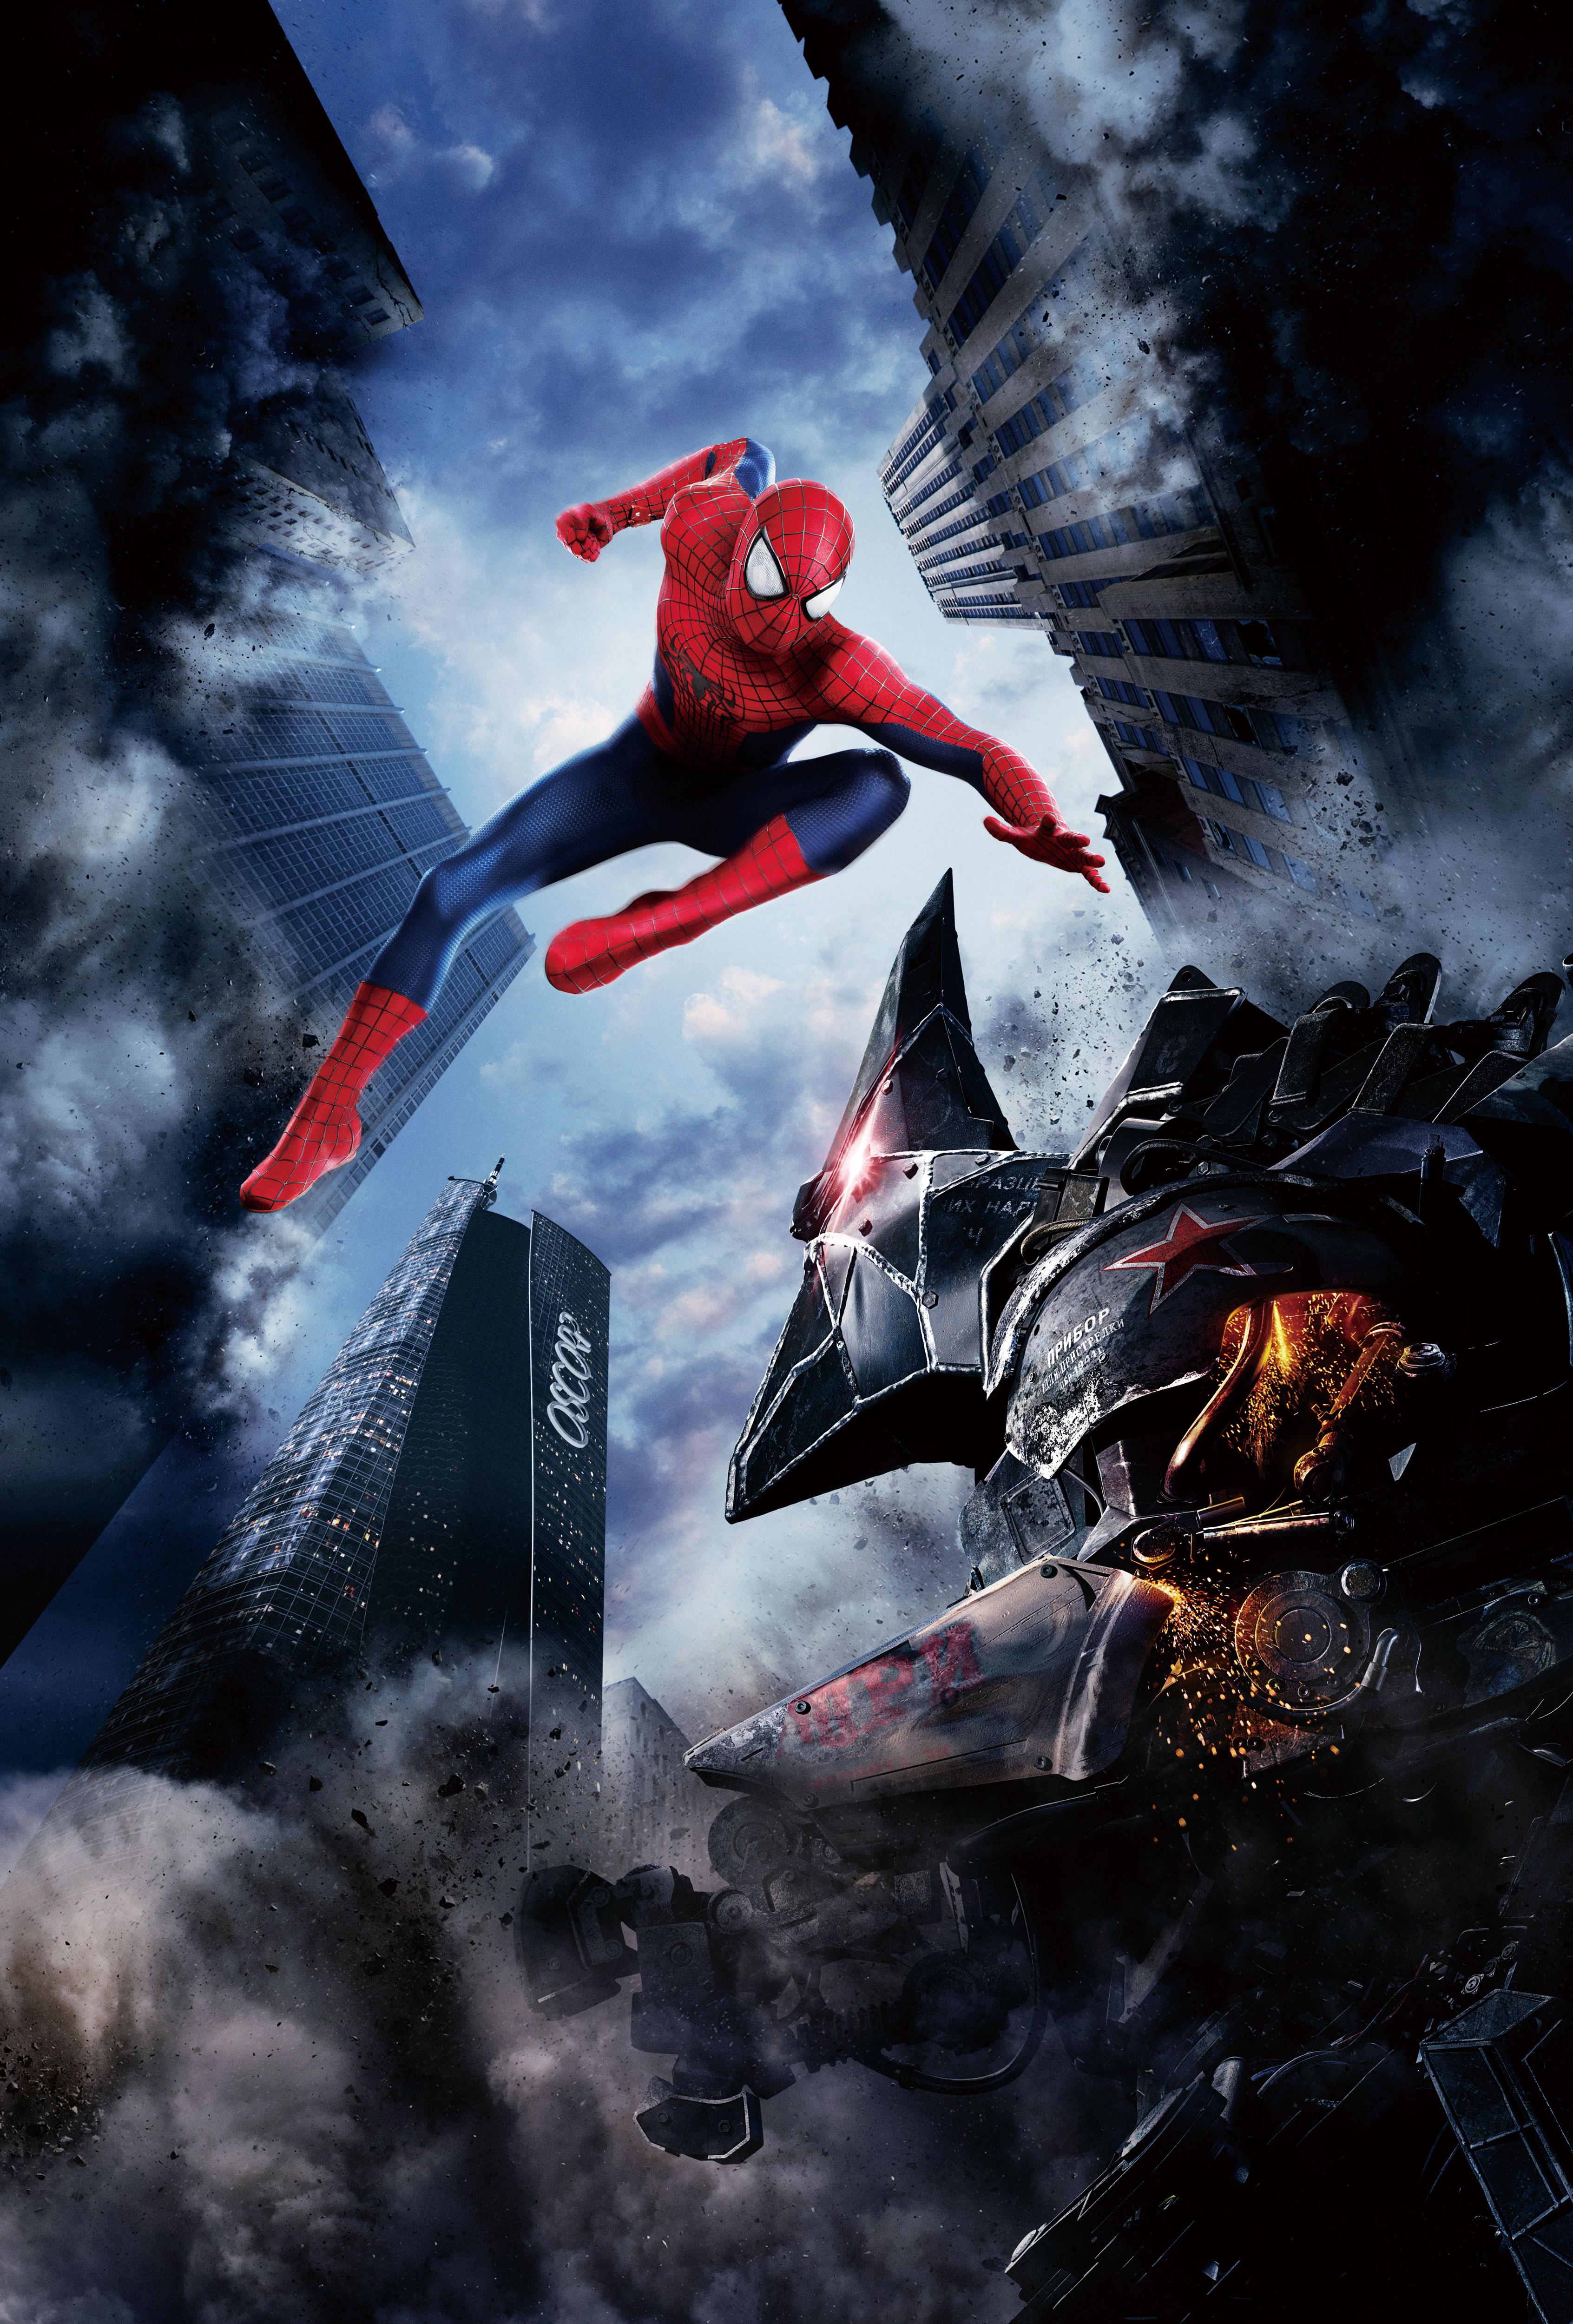 Человек паук высокое напряжение смотреть онлайн в хорошем качестве 21 фотография